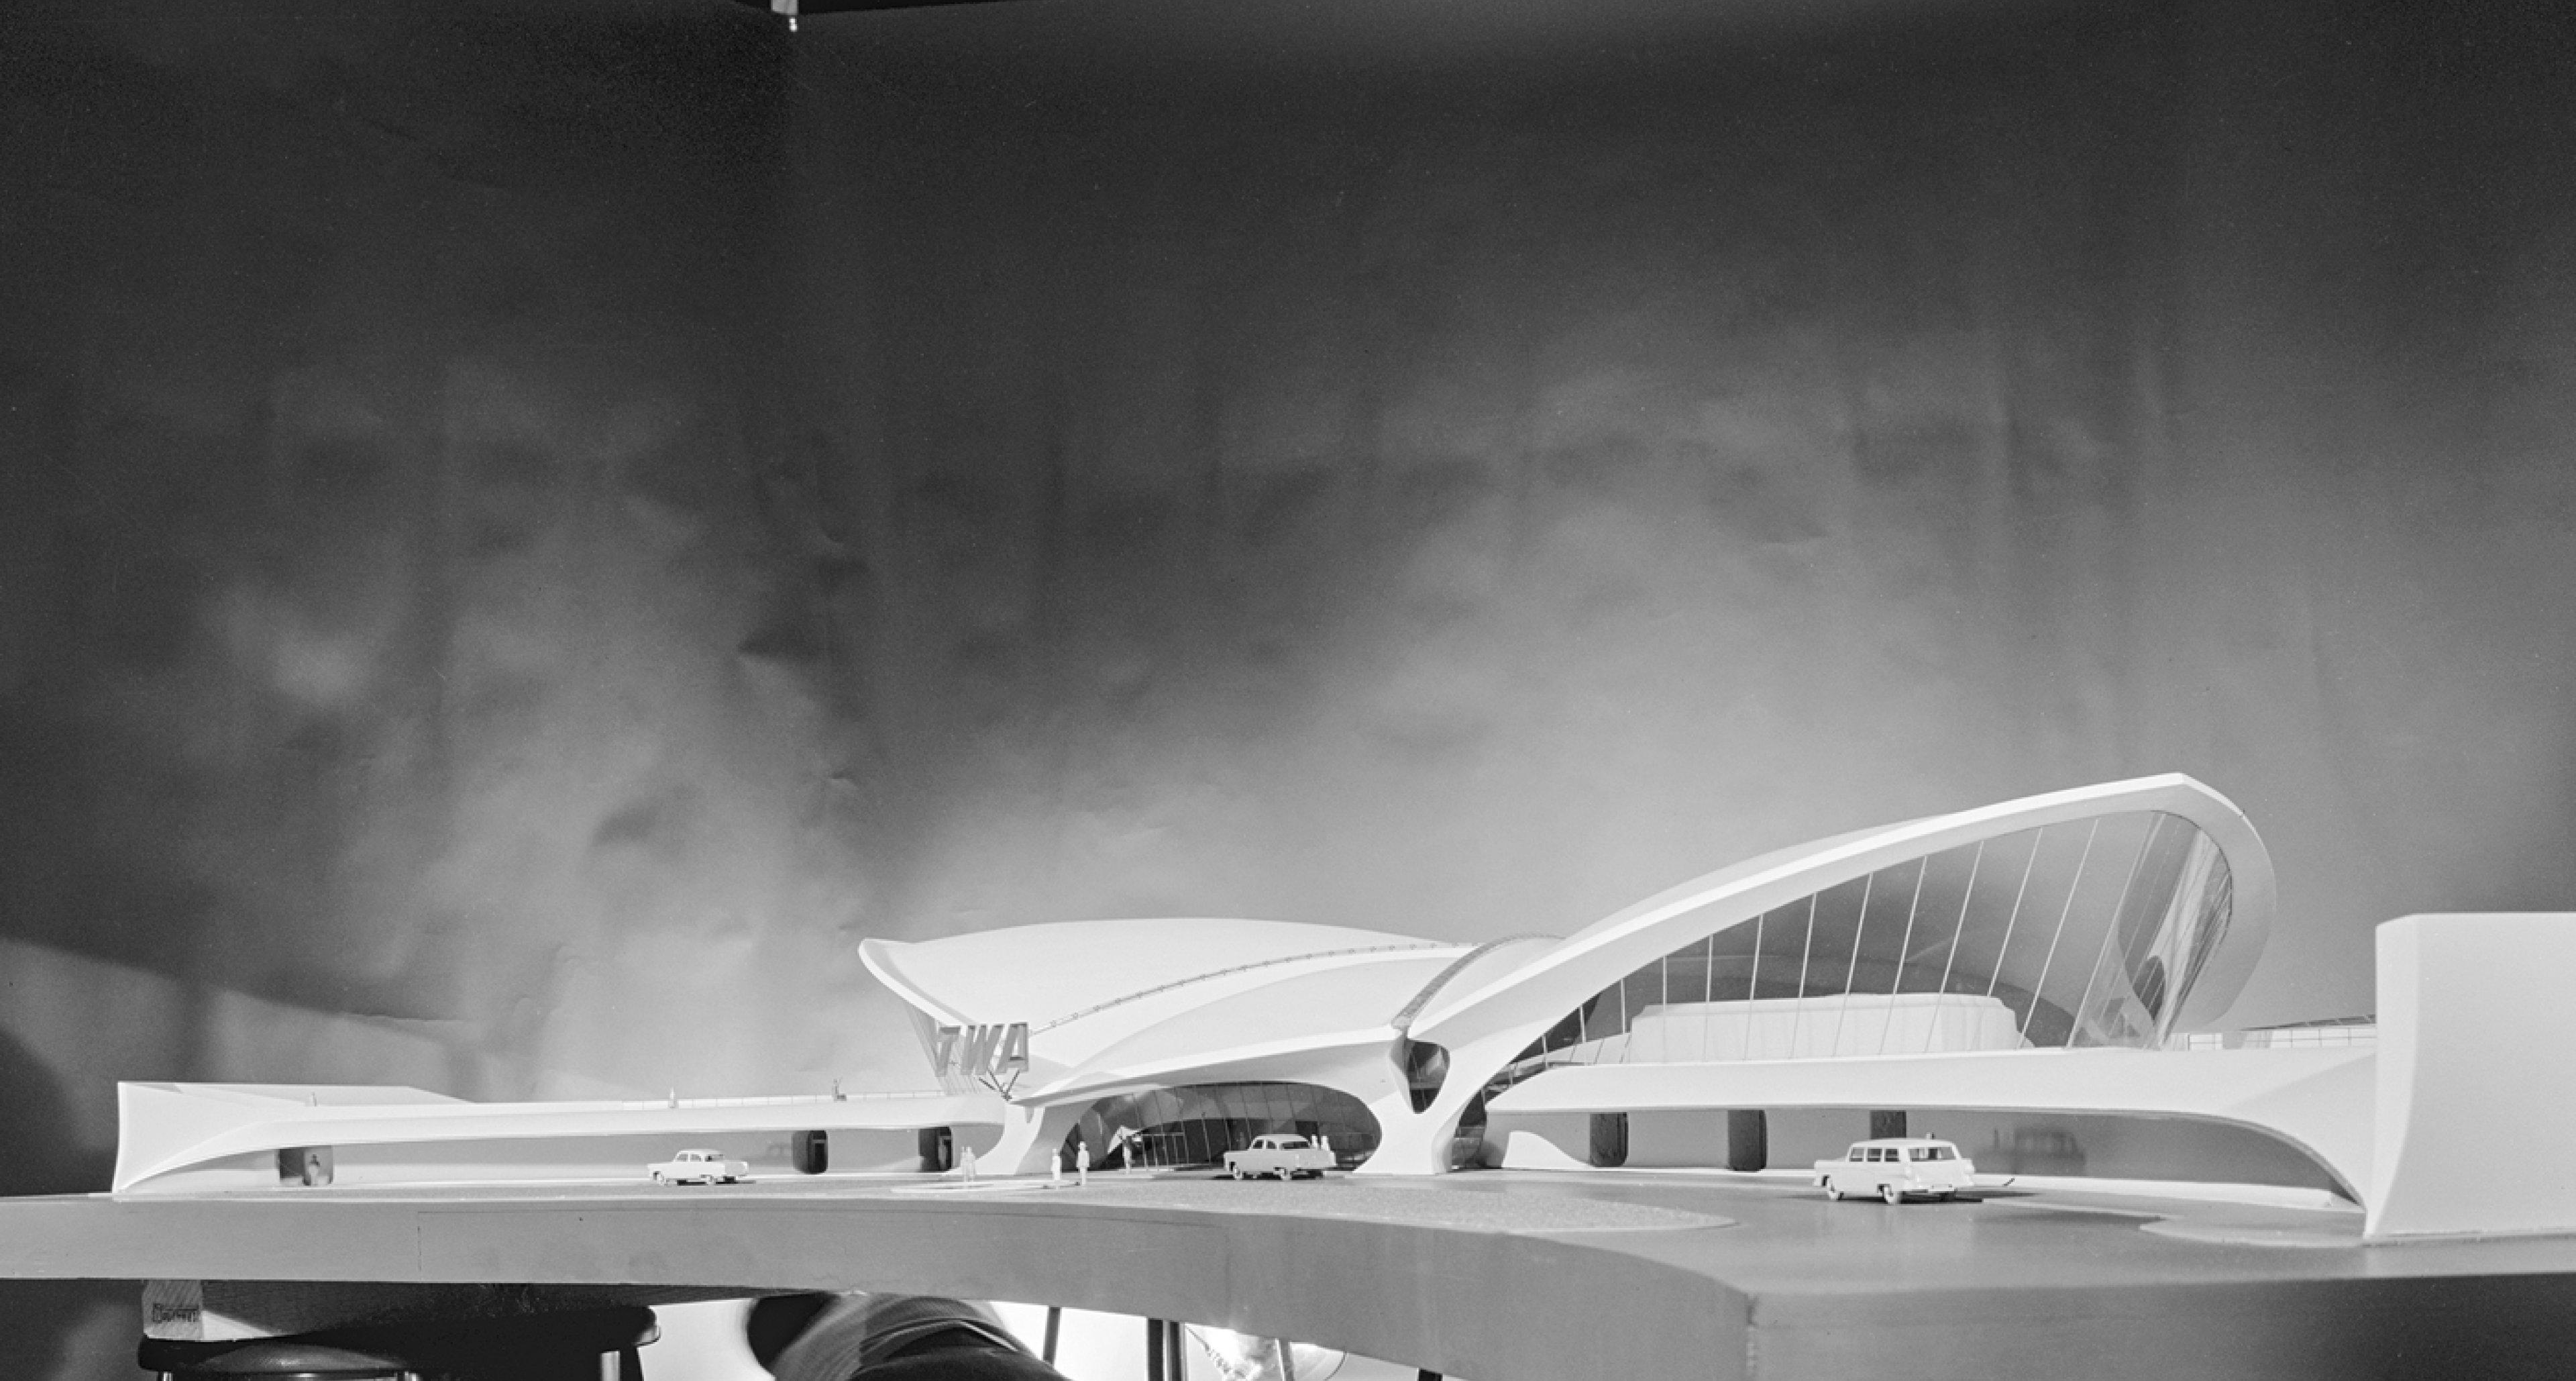 Während Aline Saarinen dem Architekten eine Stimme gibt, perfektioniert dieser die Visualisierung seiner Projekte. © Library of Congress, Prints & Photographs Division, Balthazar Korab Archive at the Library of Congress, LC-DIG-krb-00576